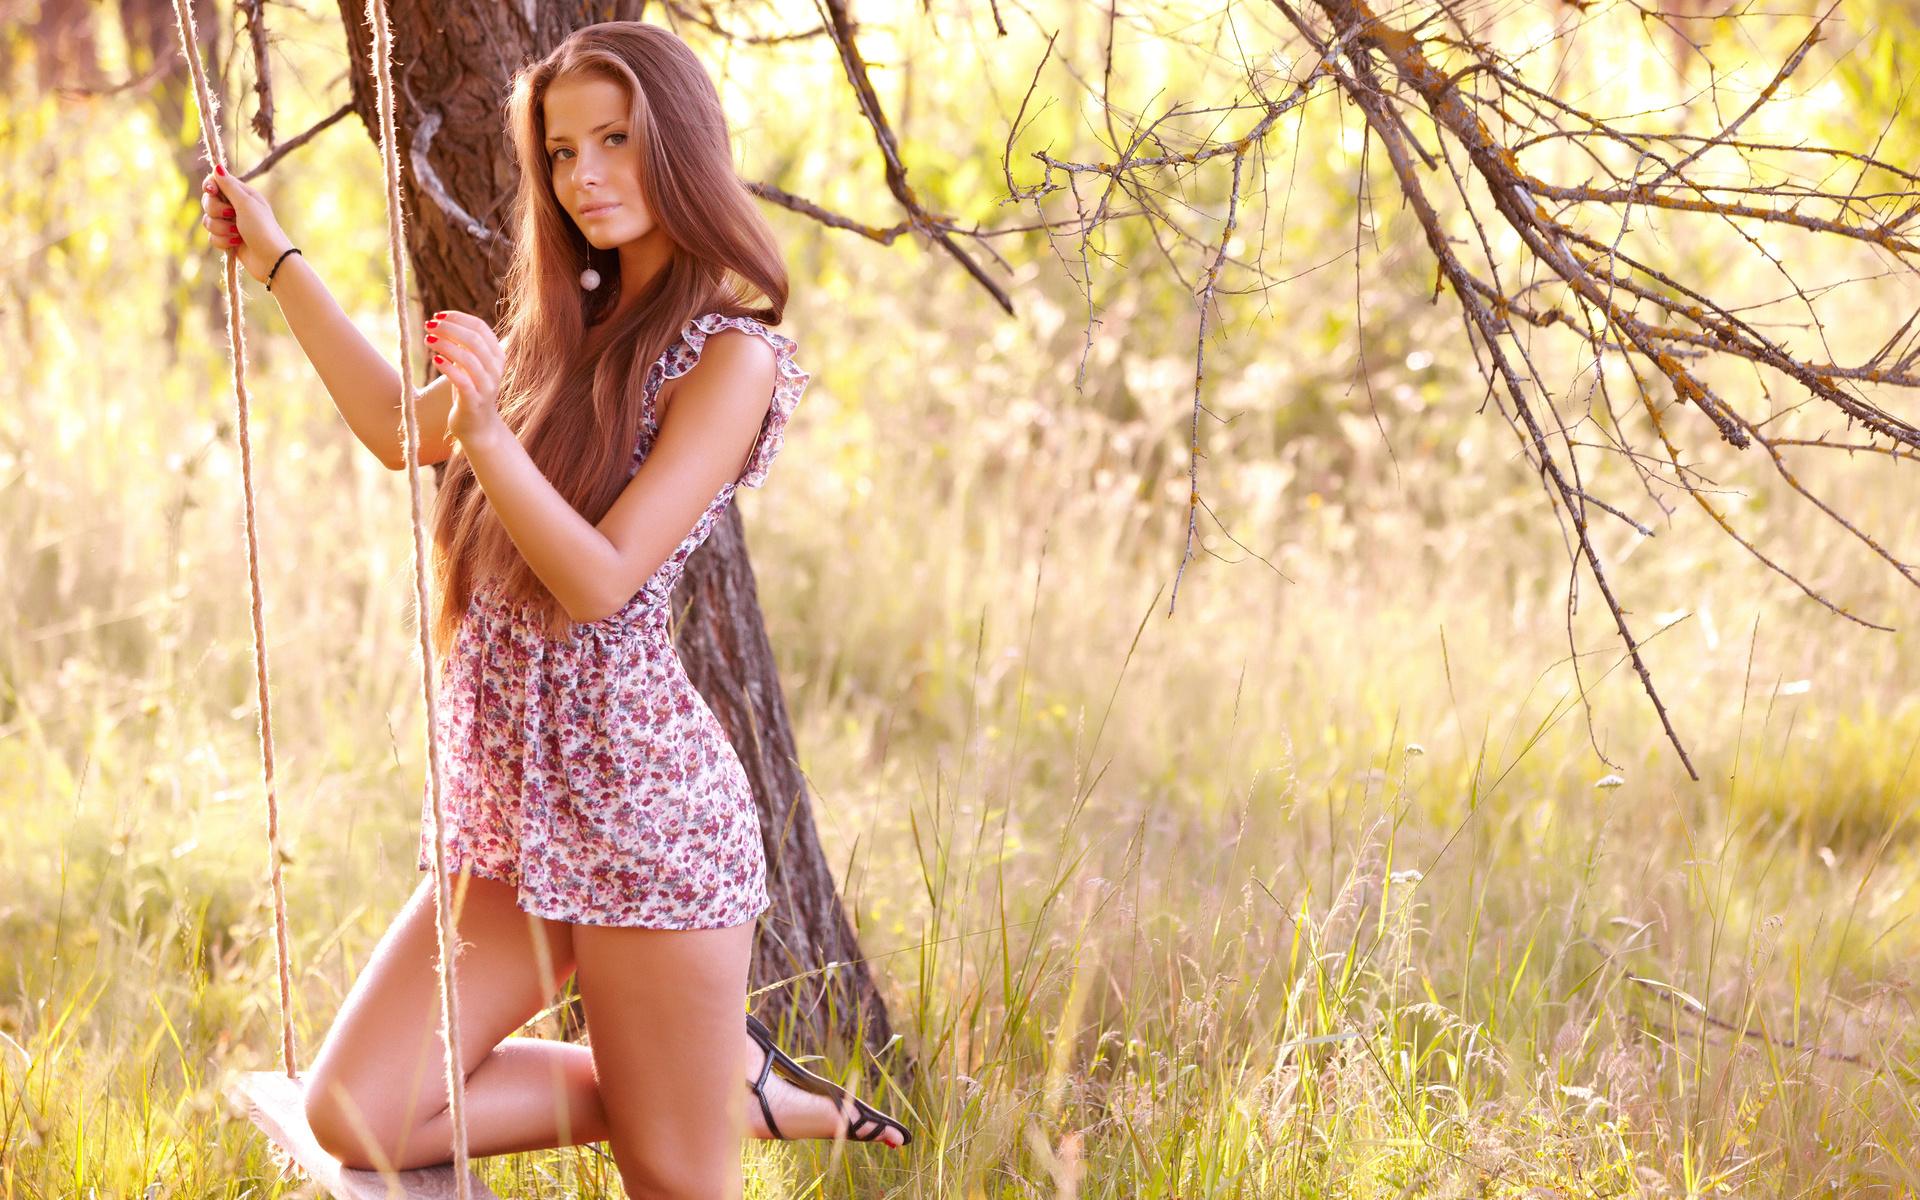 Девушка на природе картинки красивые